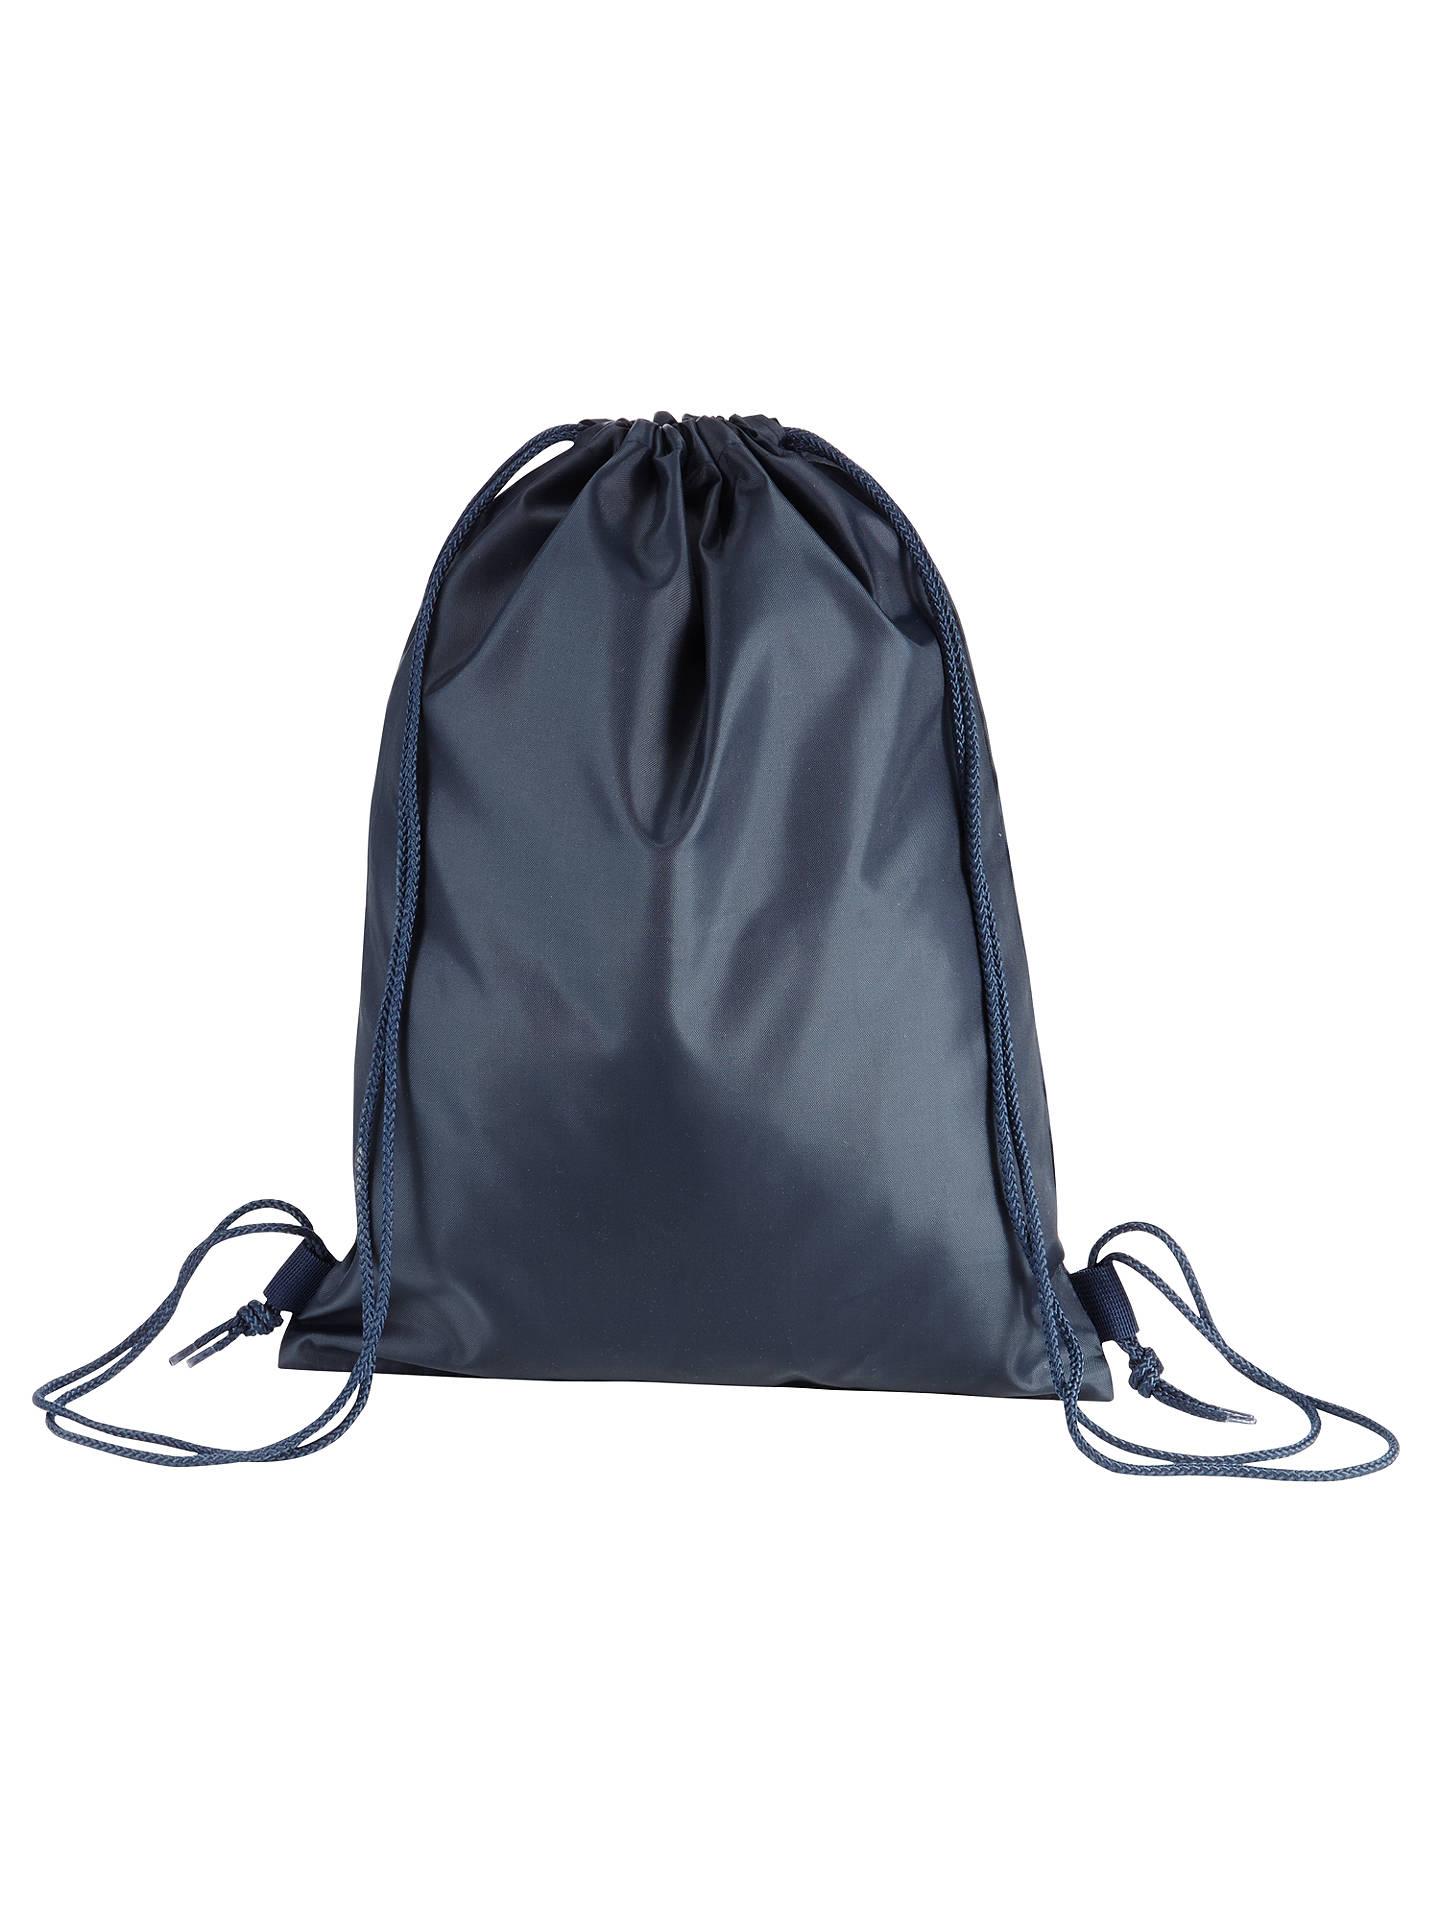 623cd02550ce BuySchool Drawstring Gym Bag